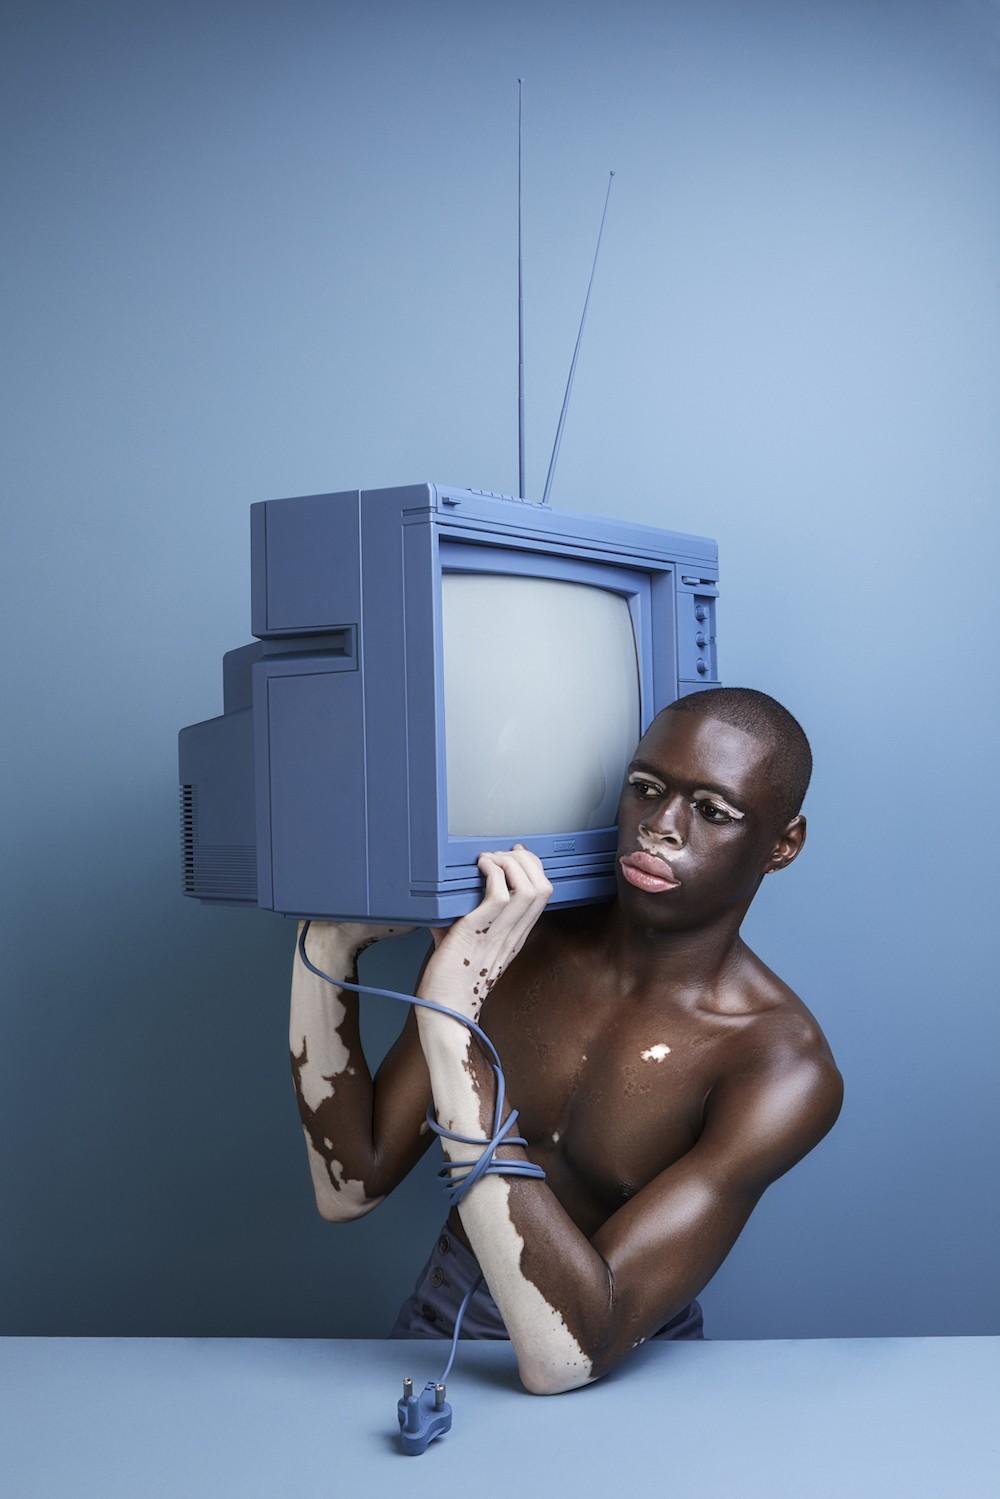 Moostapha Saidi tv